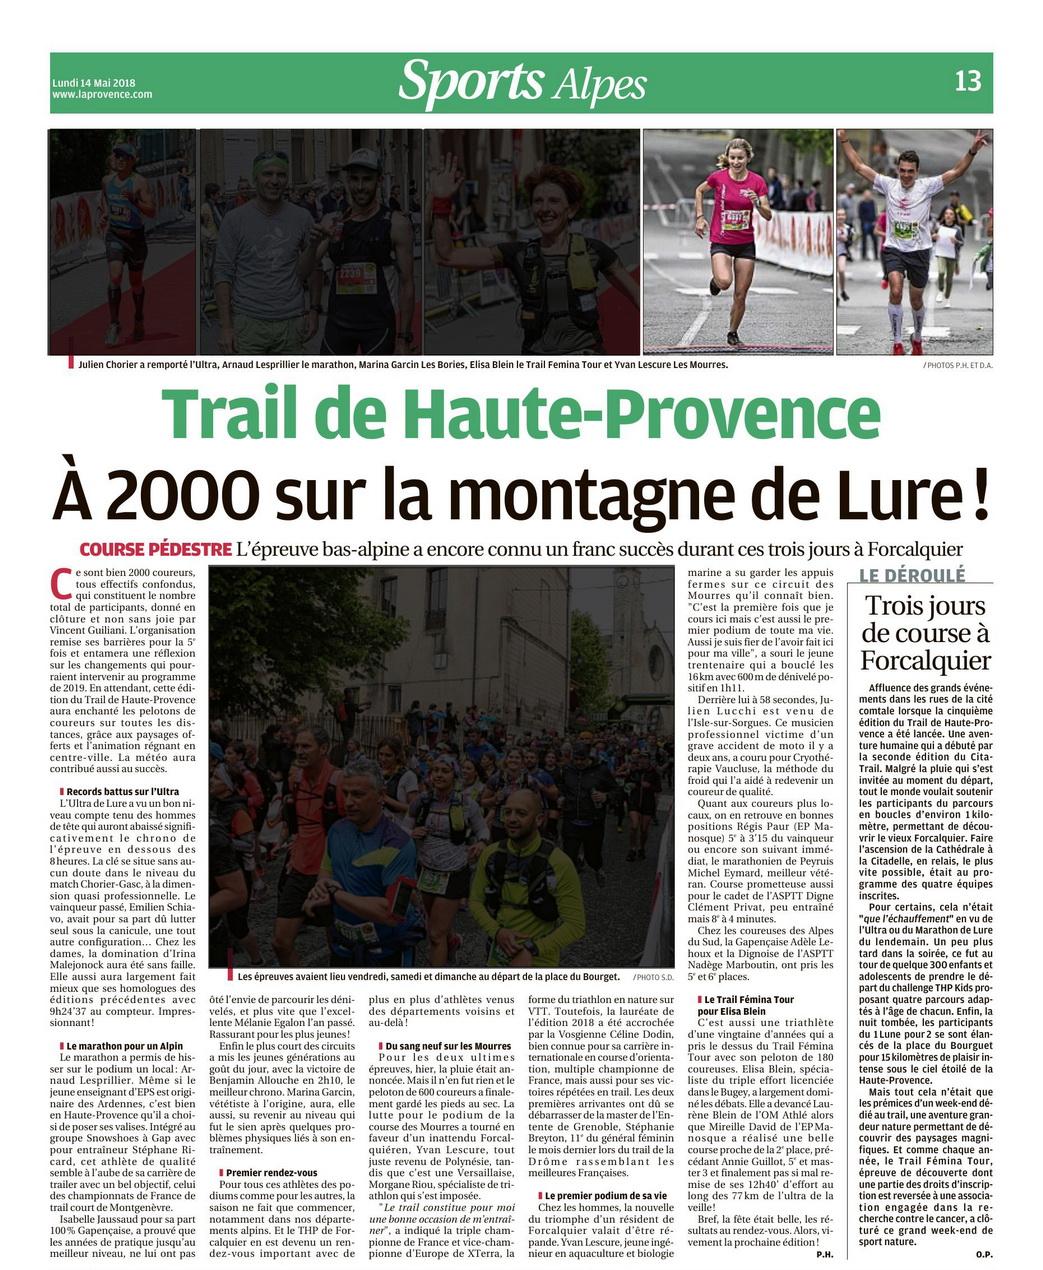 Article de presse - Trail de Haute Provence